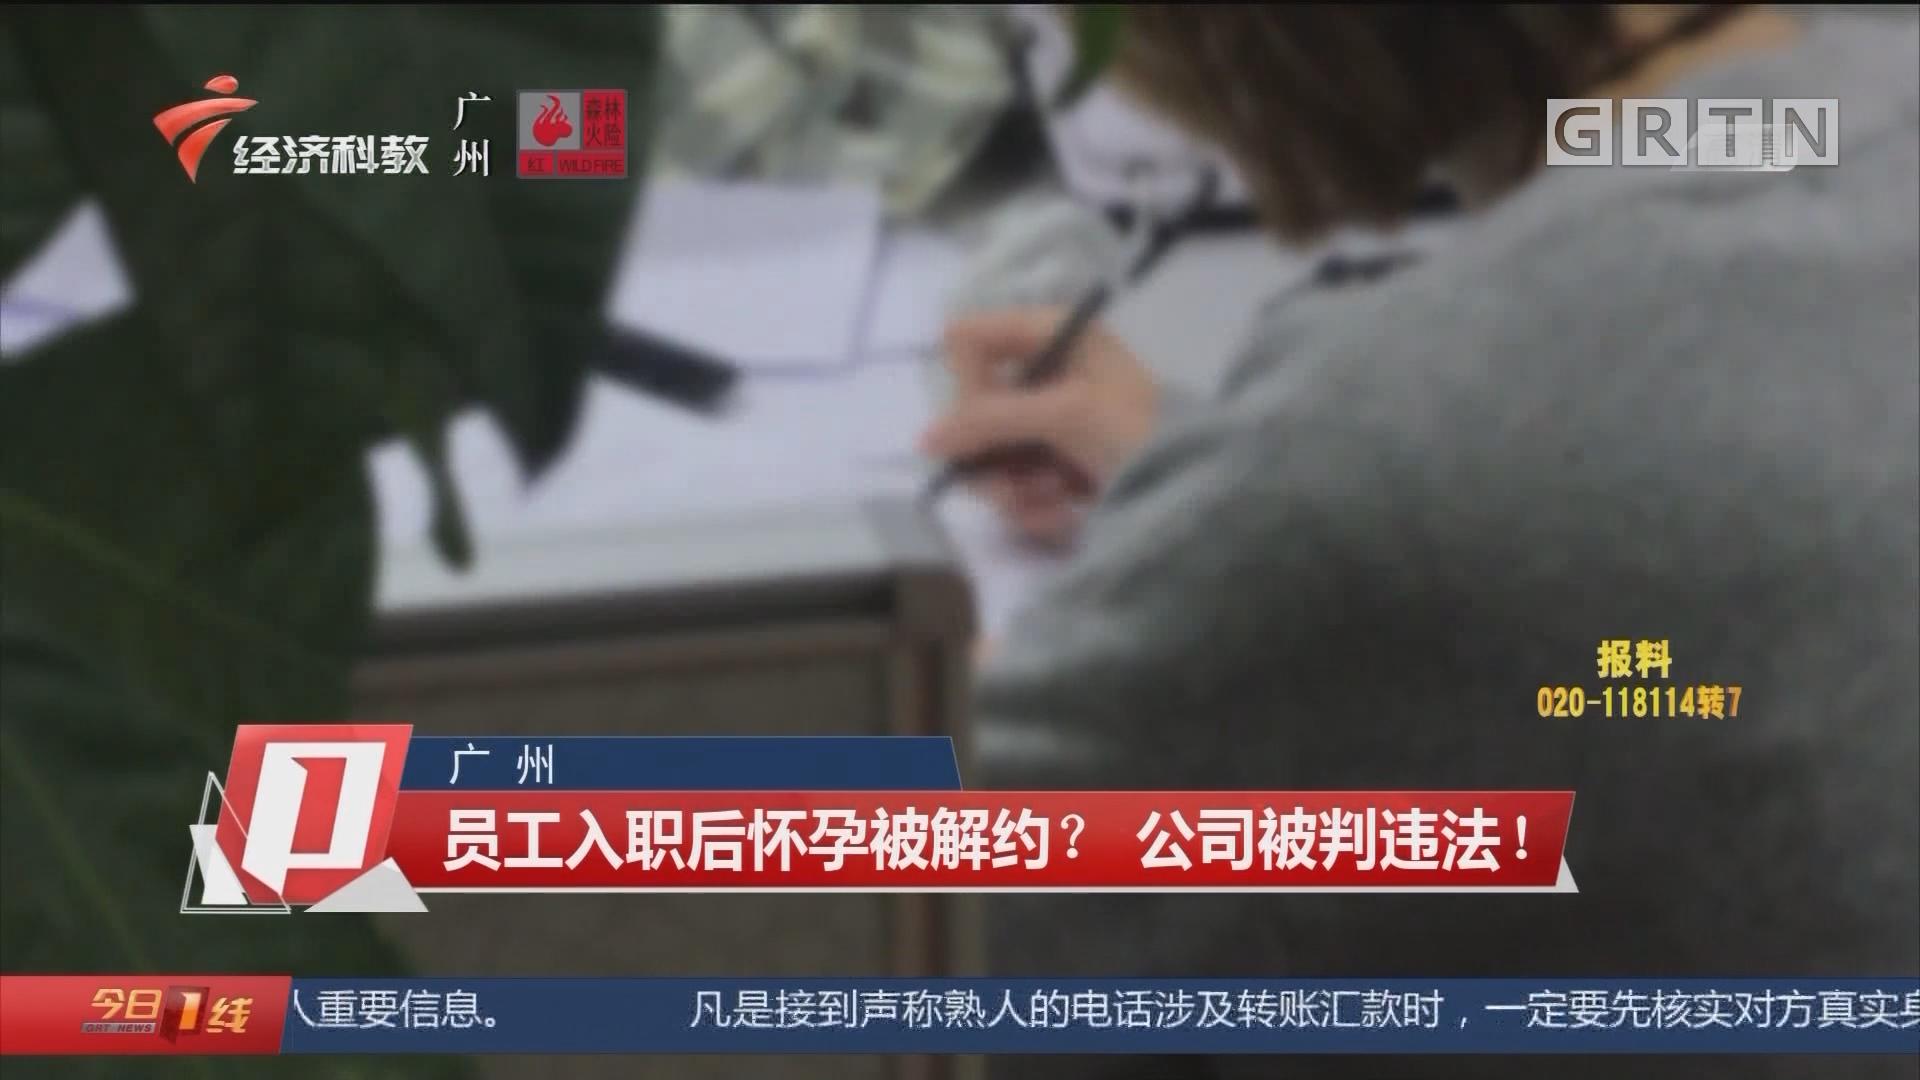 广州:员工入职后怀孕被解约? 公司被判违法!